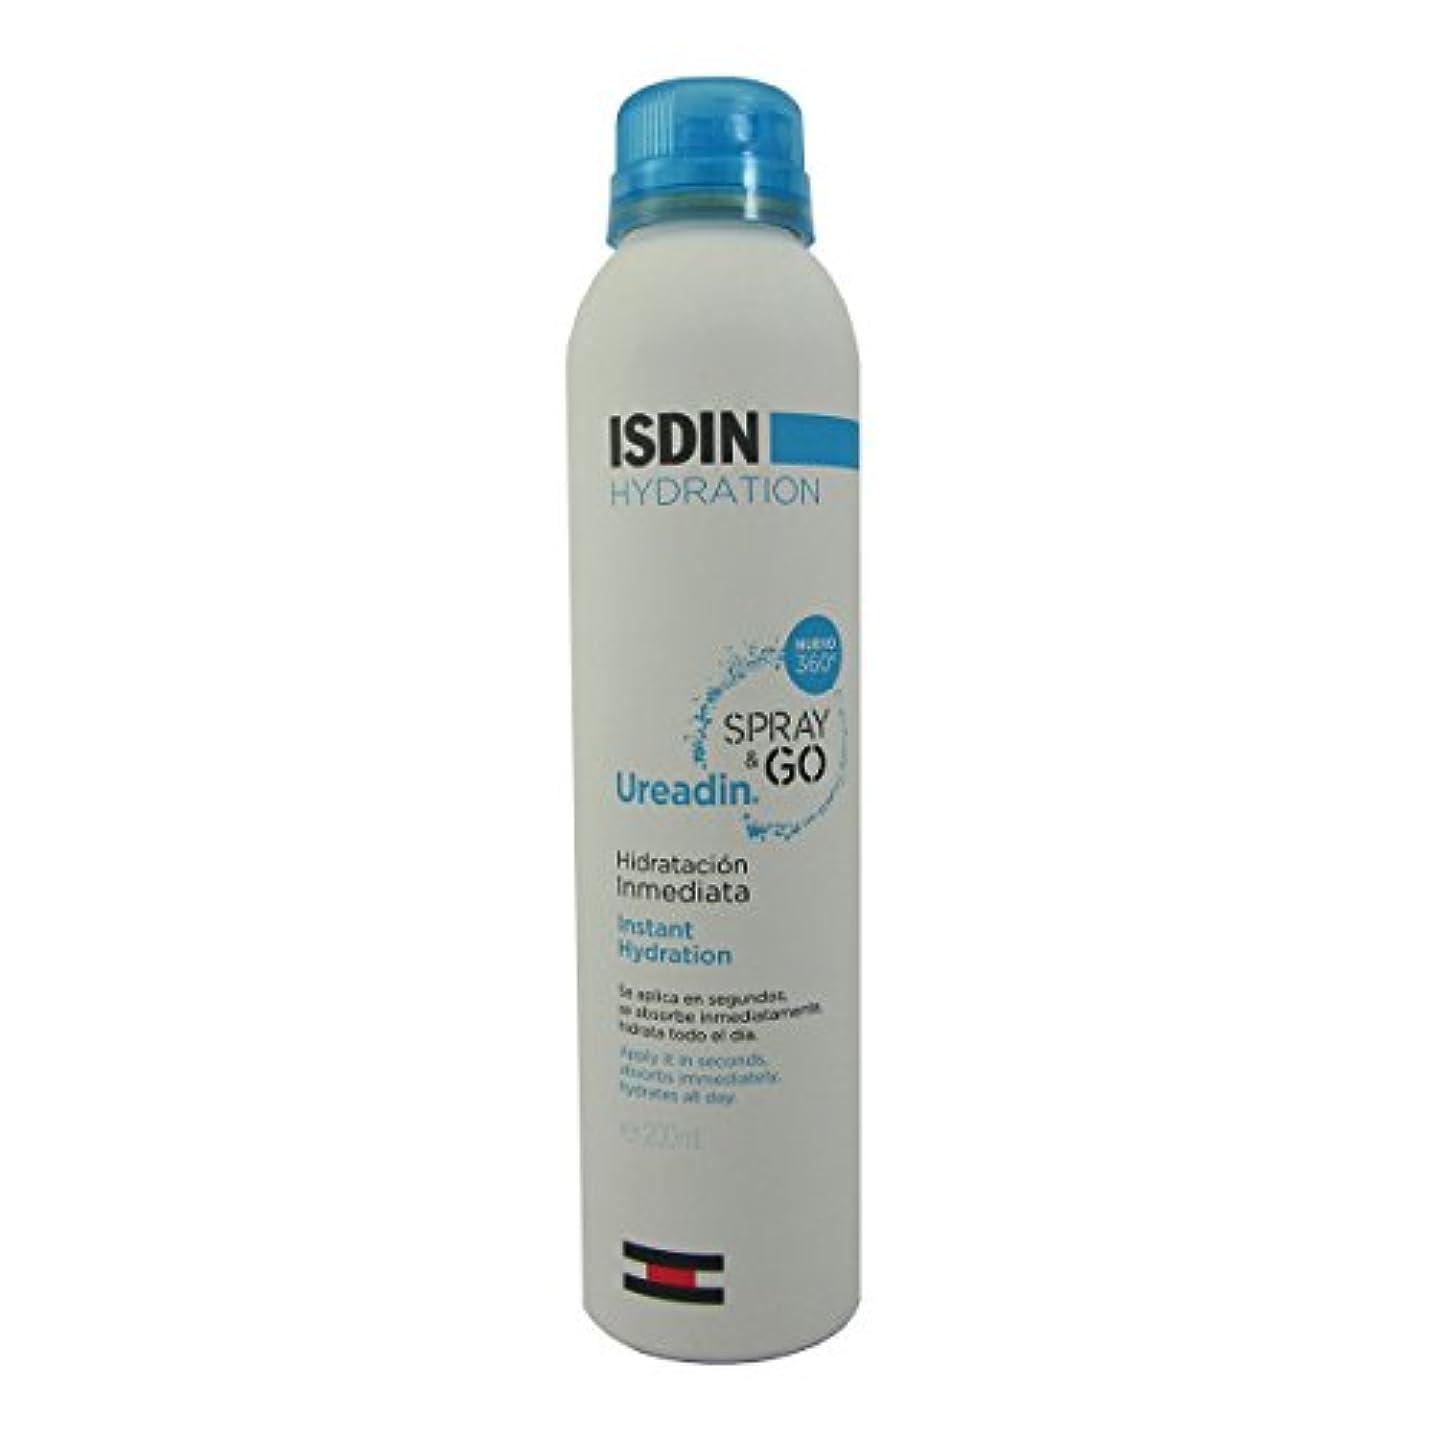 検出する差別するピジンUreadin Spray And Go Immediate Hydration 200ml [並行輸入品]